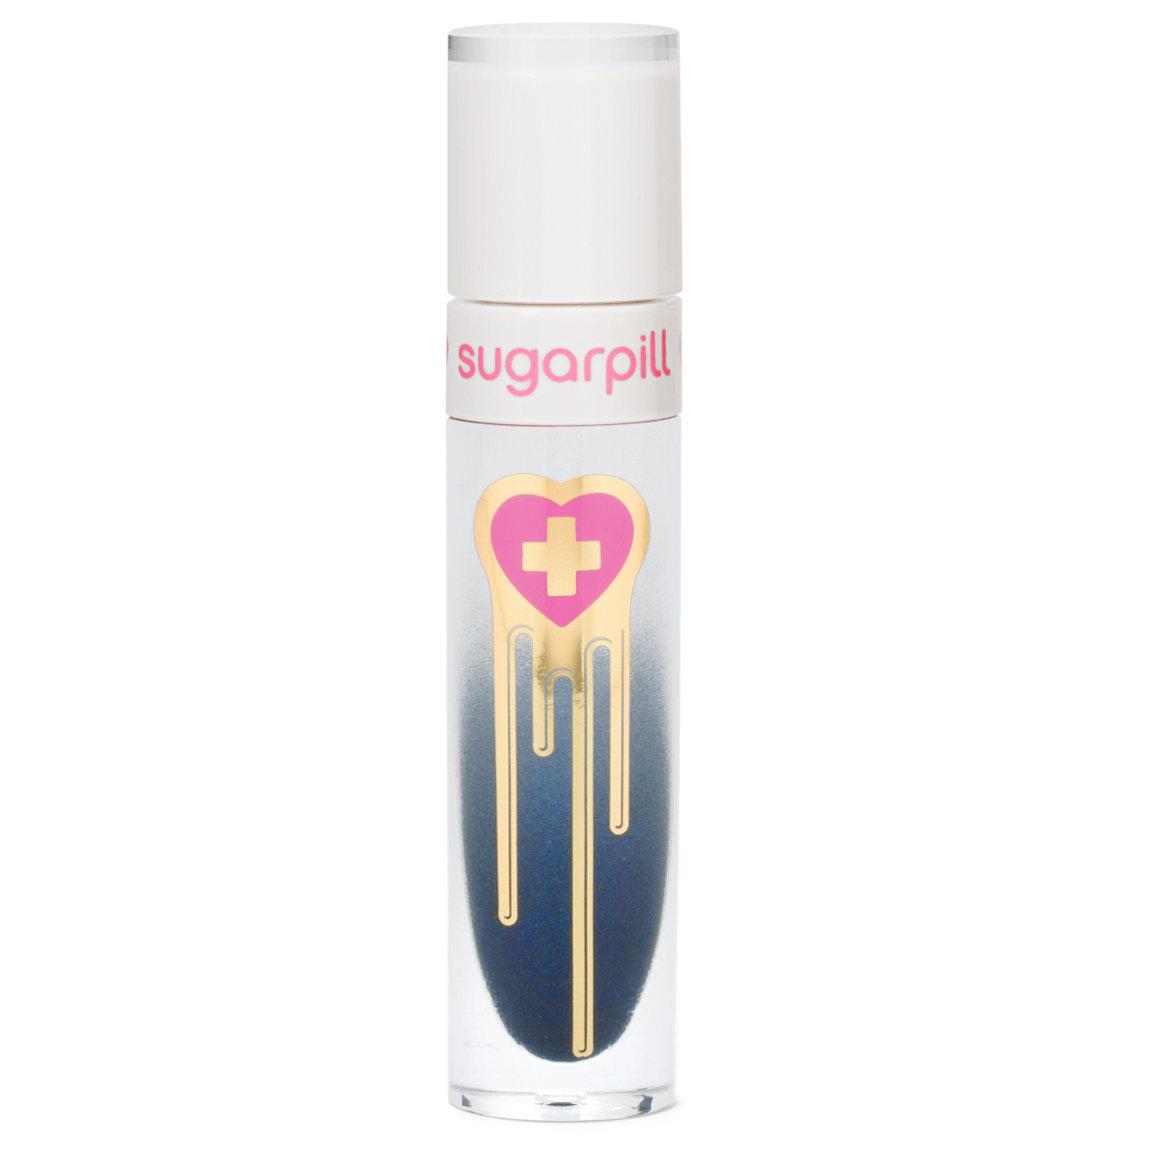 Sugarpill Cosmetics Liquid Lip Color Sub-Zero alternative view 1.